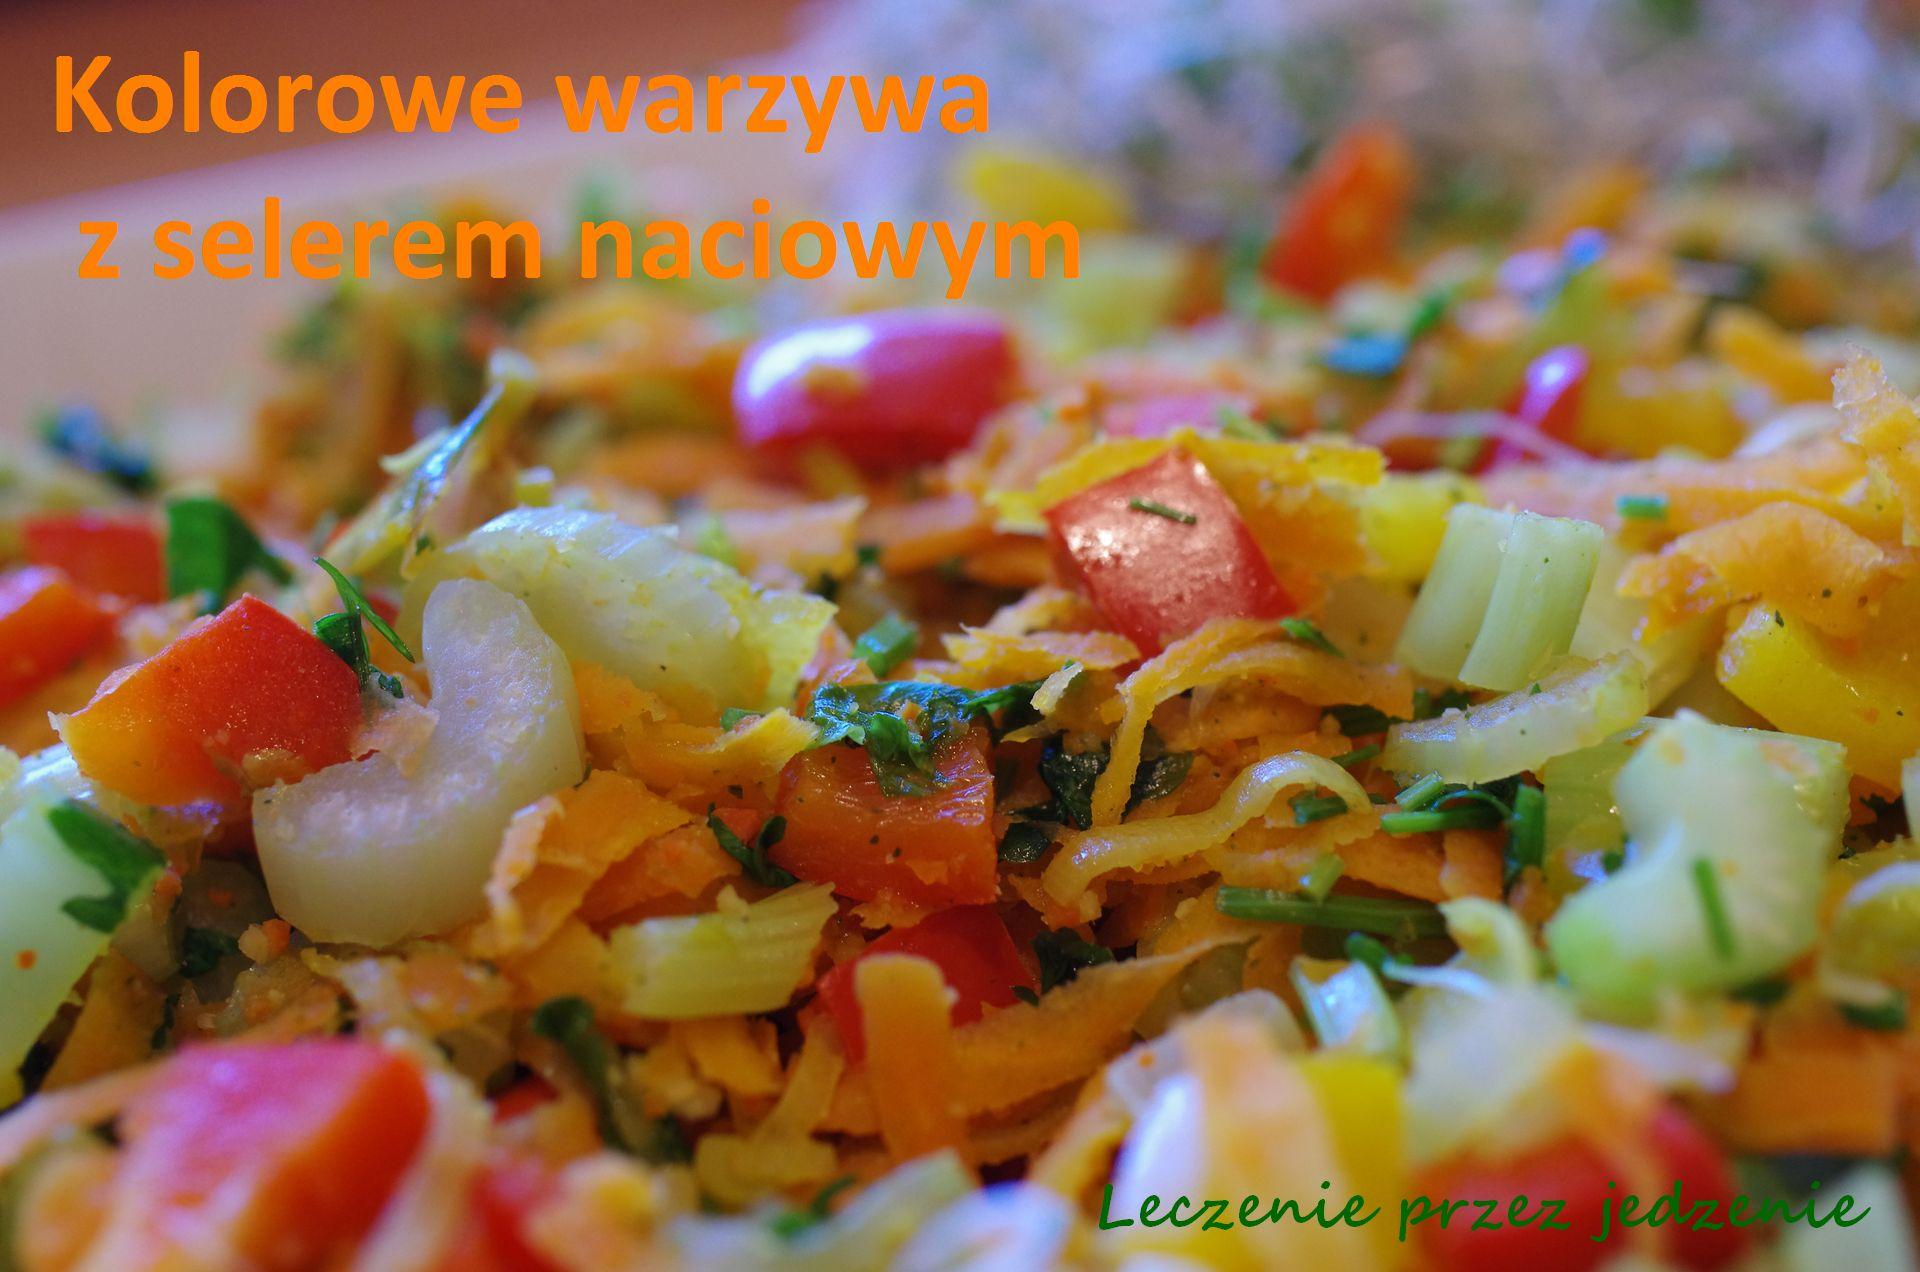 Kolorowe warzywa z selerem naciowym leczenieprzezjedzenie warszawa dietetyk